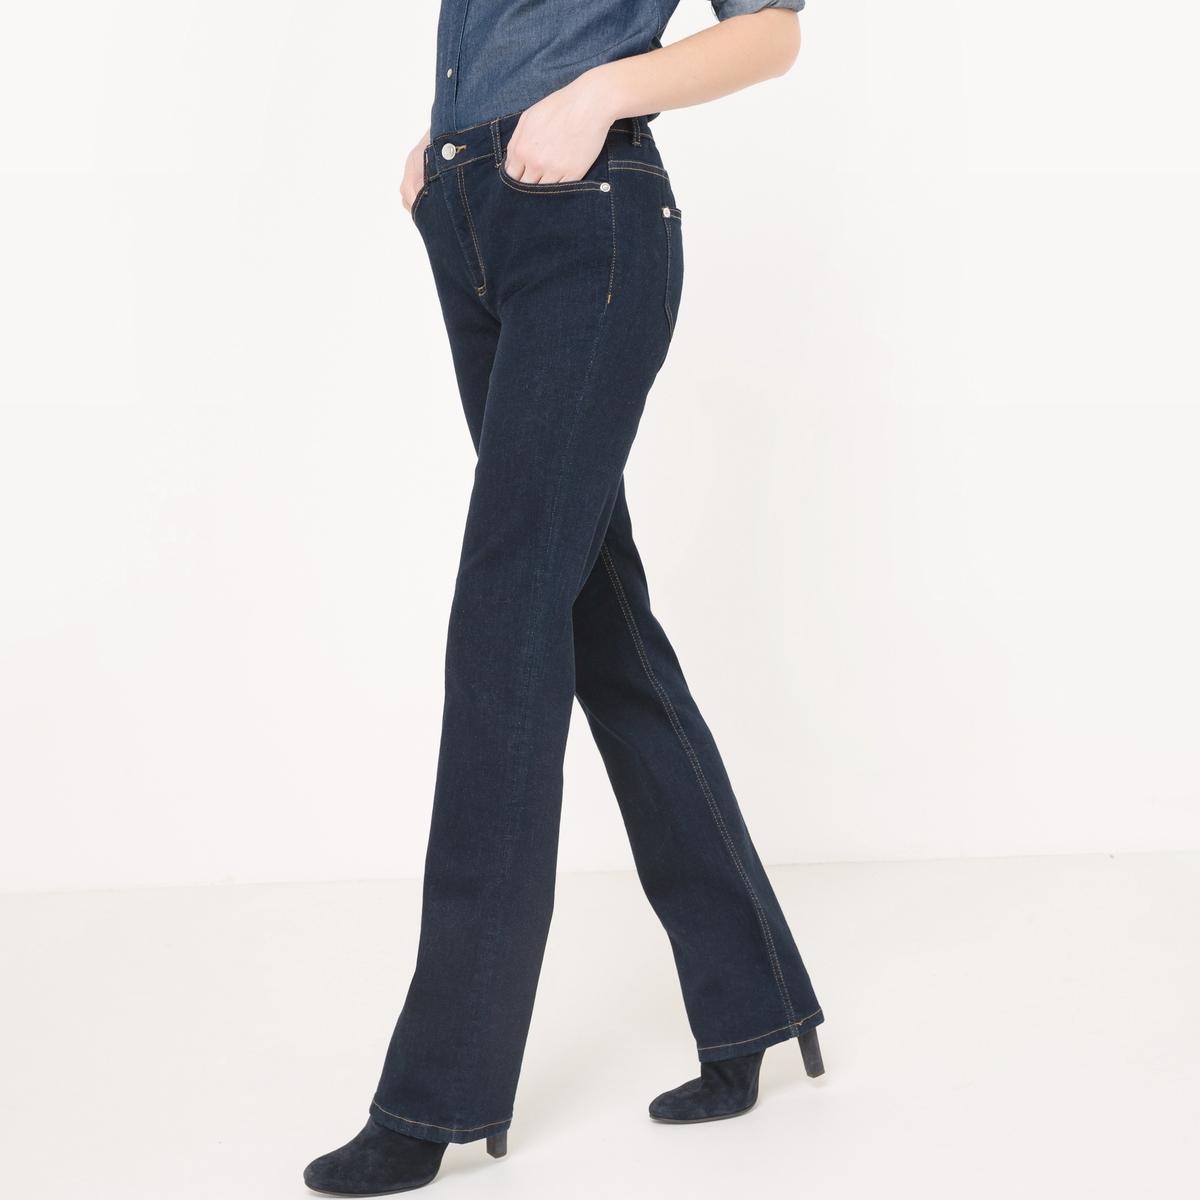 Джинсы прямые, длина 30-32-34Материал : 98% хлопка, 2% эластана             Высота пояса : стандартная            Покрой джинсов : прямой            Длина джинсов :Длина 30 - 32 - 34              Стирка : Машинная стирка при 30 °С в деликатном режиме            Уход : сухая чистка и отбеливание запрещены             Машинная сушка : машинная сушка в умеренном режиме            Глажка : при средней температуре<br><br>Цвет: белый,голубой потертый,светло-серый,синий потертый,темно-синий,черный с пропиткой<br>Размер: 29 длина 32.30 длина 34.36 (US) длина 32.33 длина 34.32 длина 34.29 длина 34.29 длина 30.31 длина 32.28 (US) длина 32.30 (US) длина 32